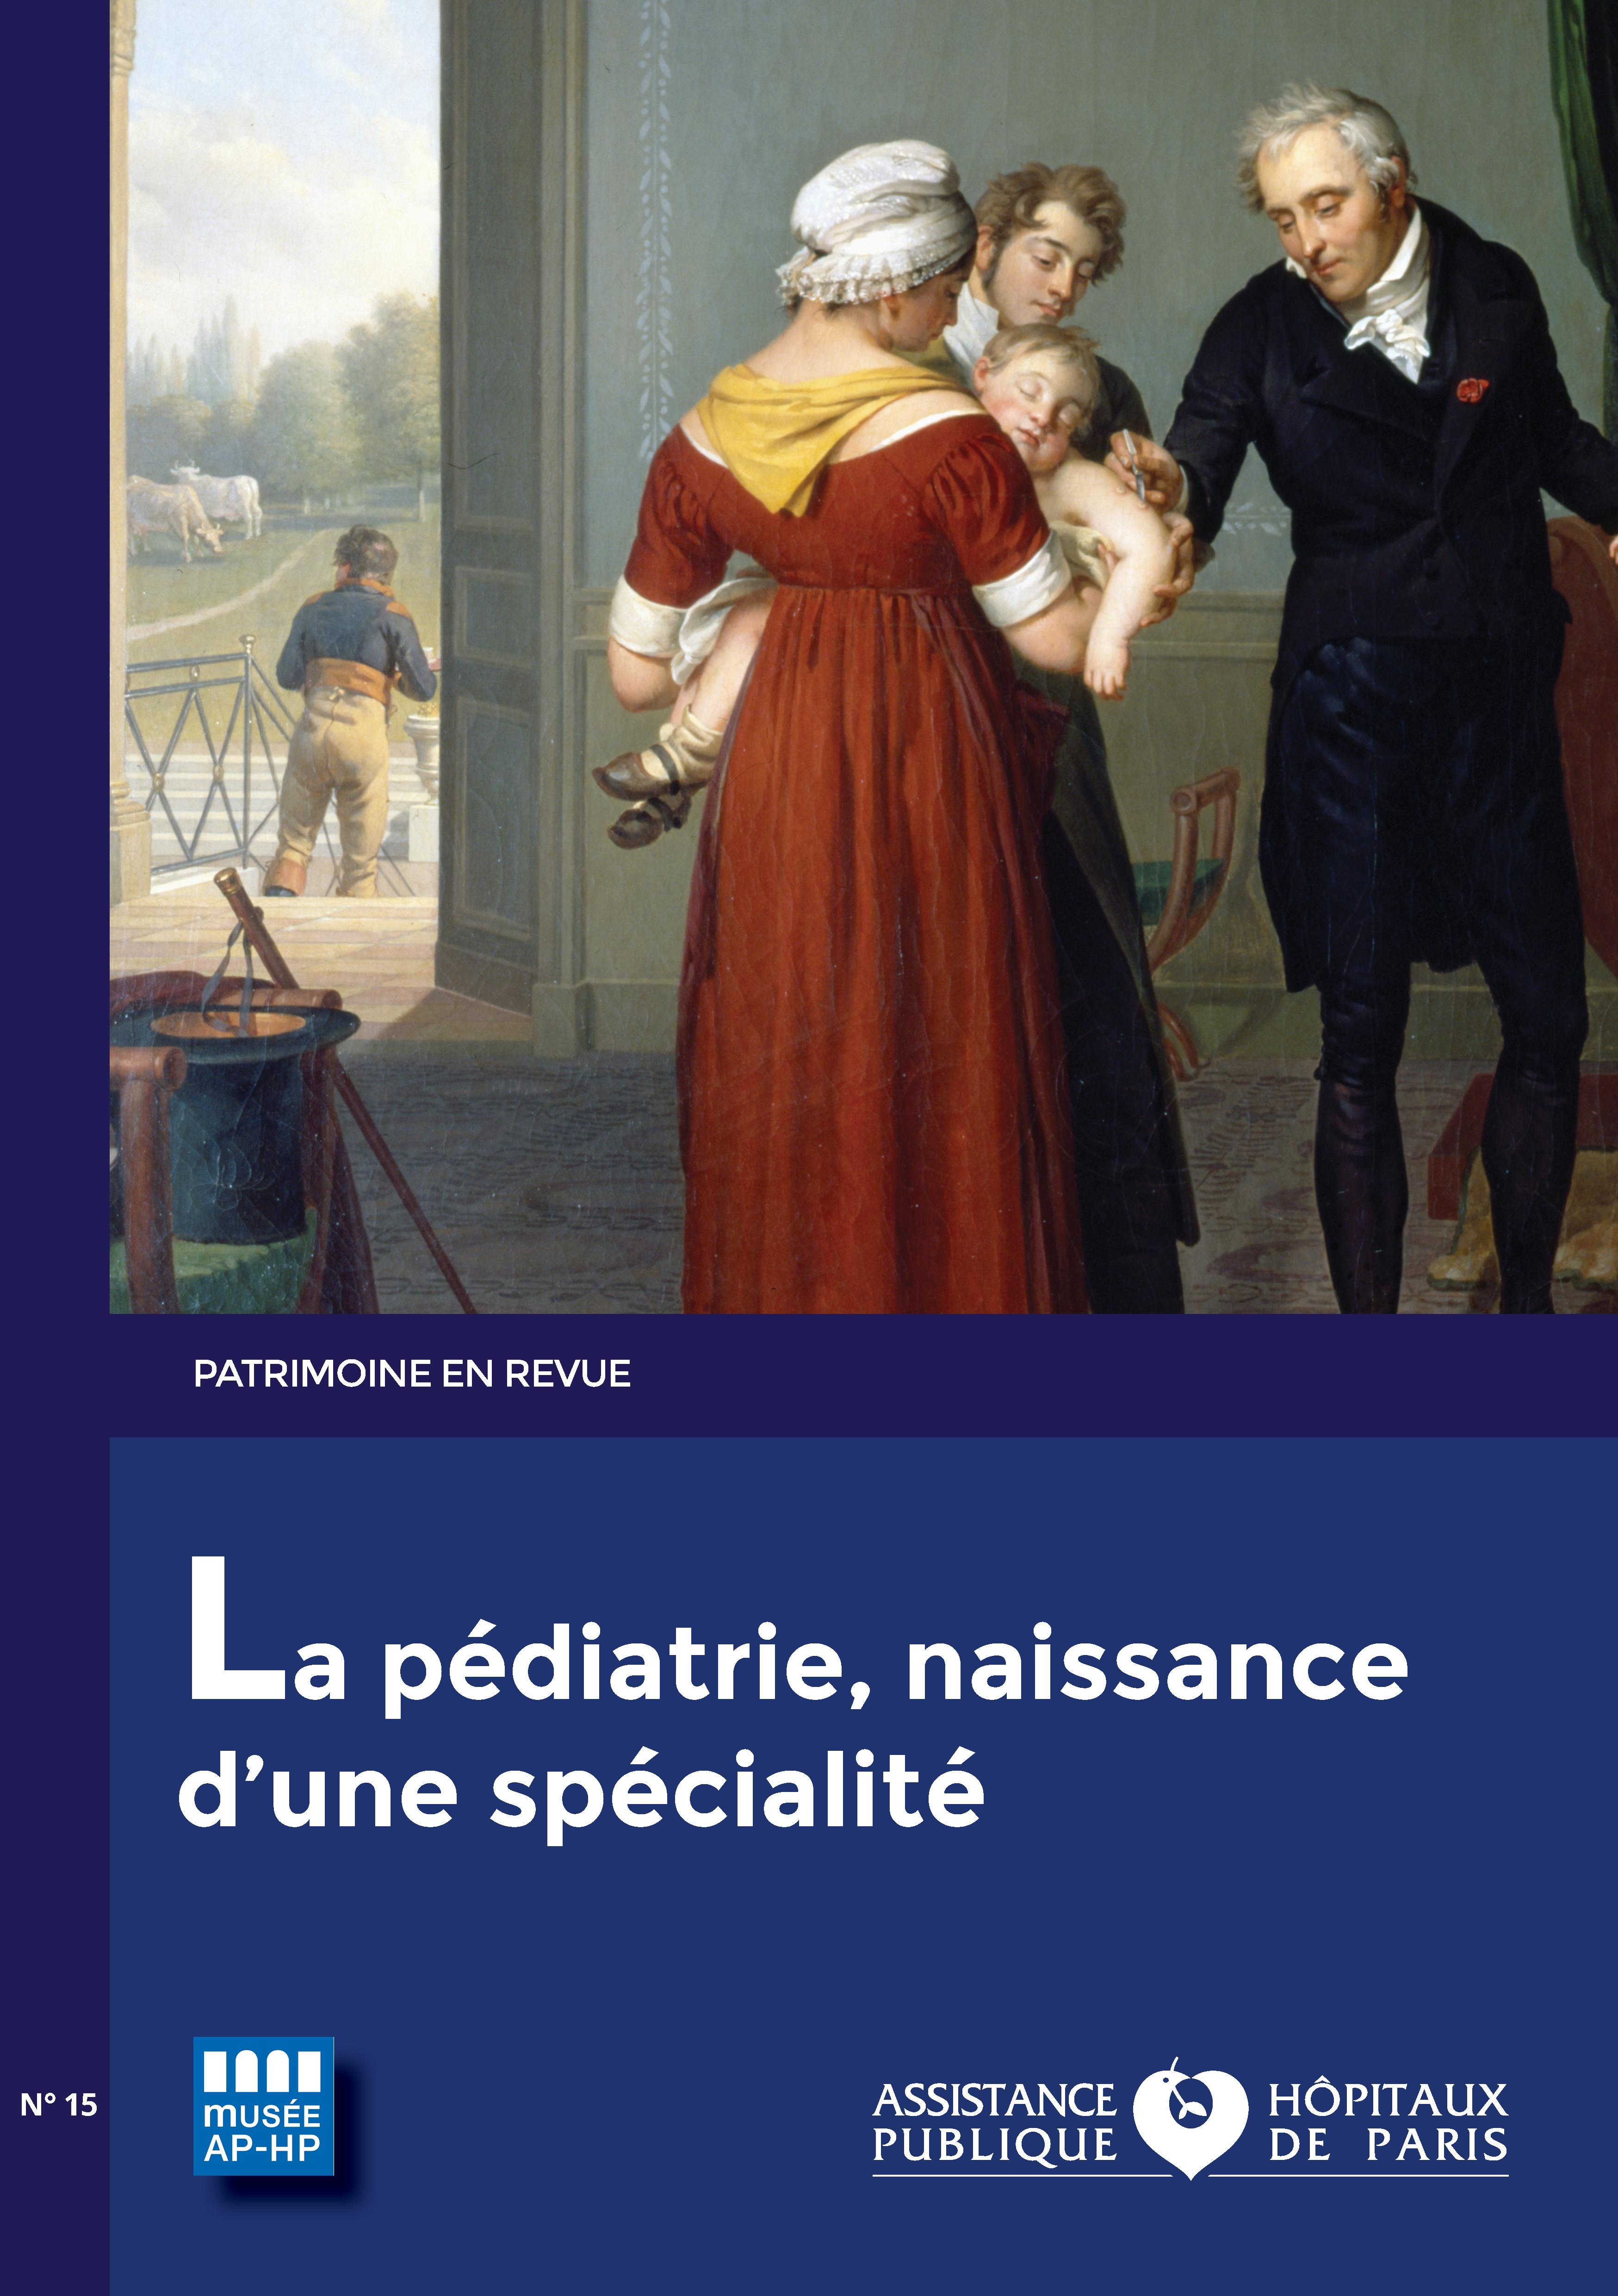 Patrimoine en revue, l'histoire de la pédiatrie